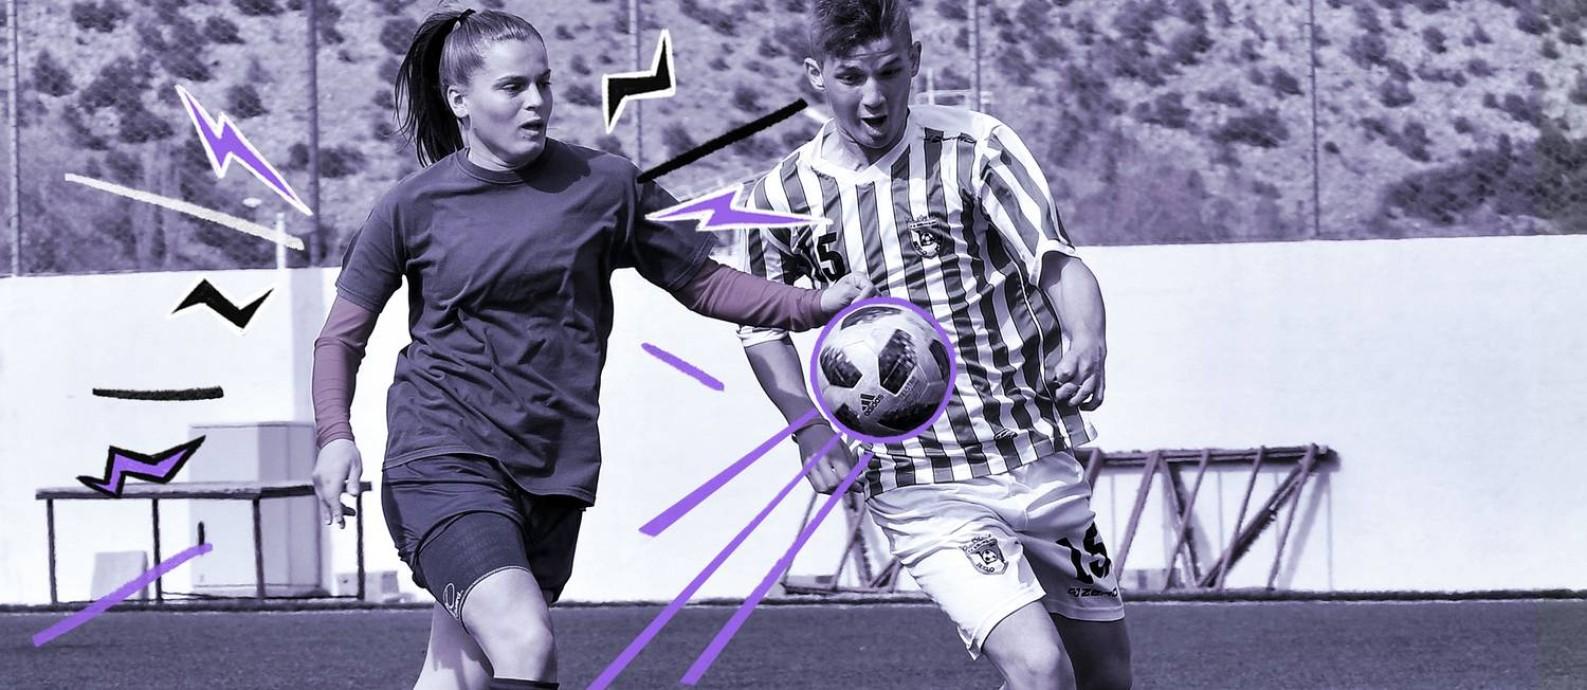 Atletas do time Emina, da Bósnia, durante partida Foto: Arte de Nina Millen sobre foto de Elvis Barukcic/AFP